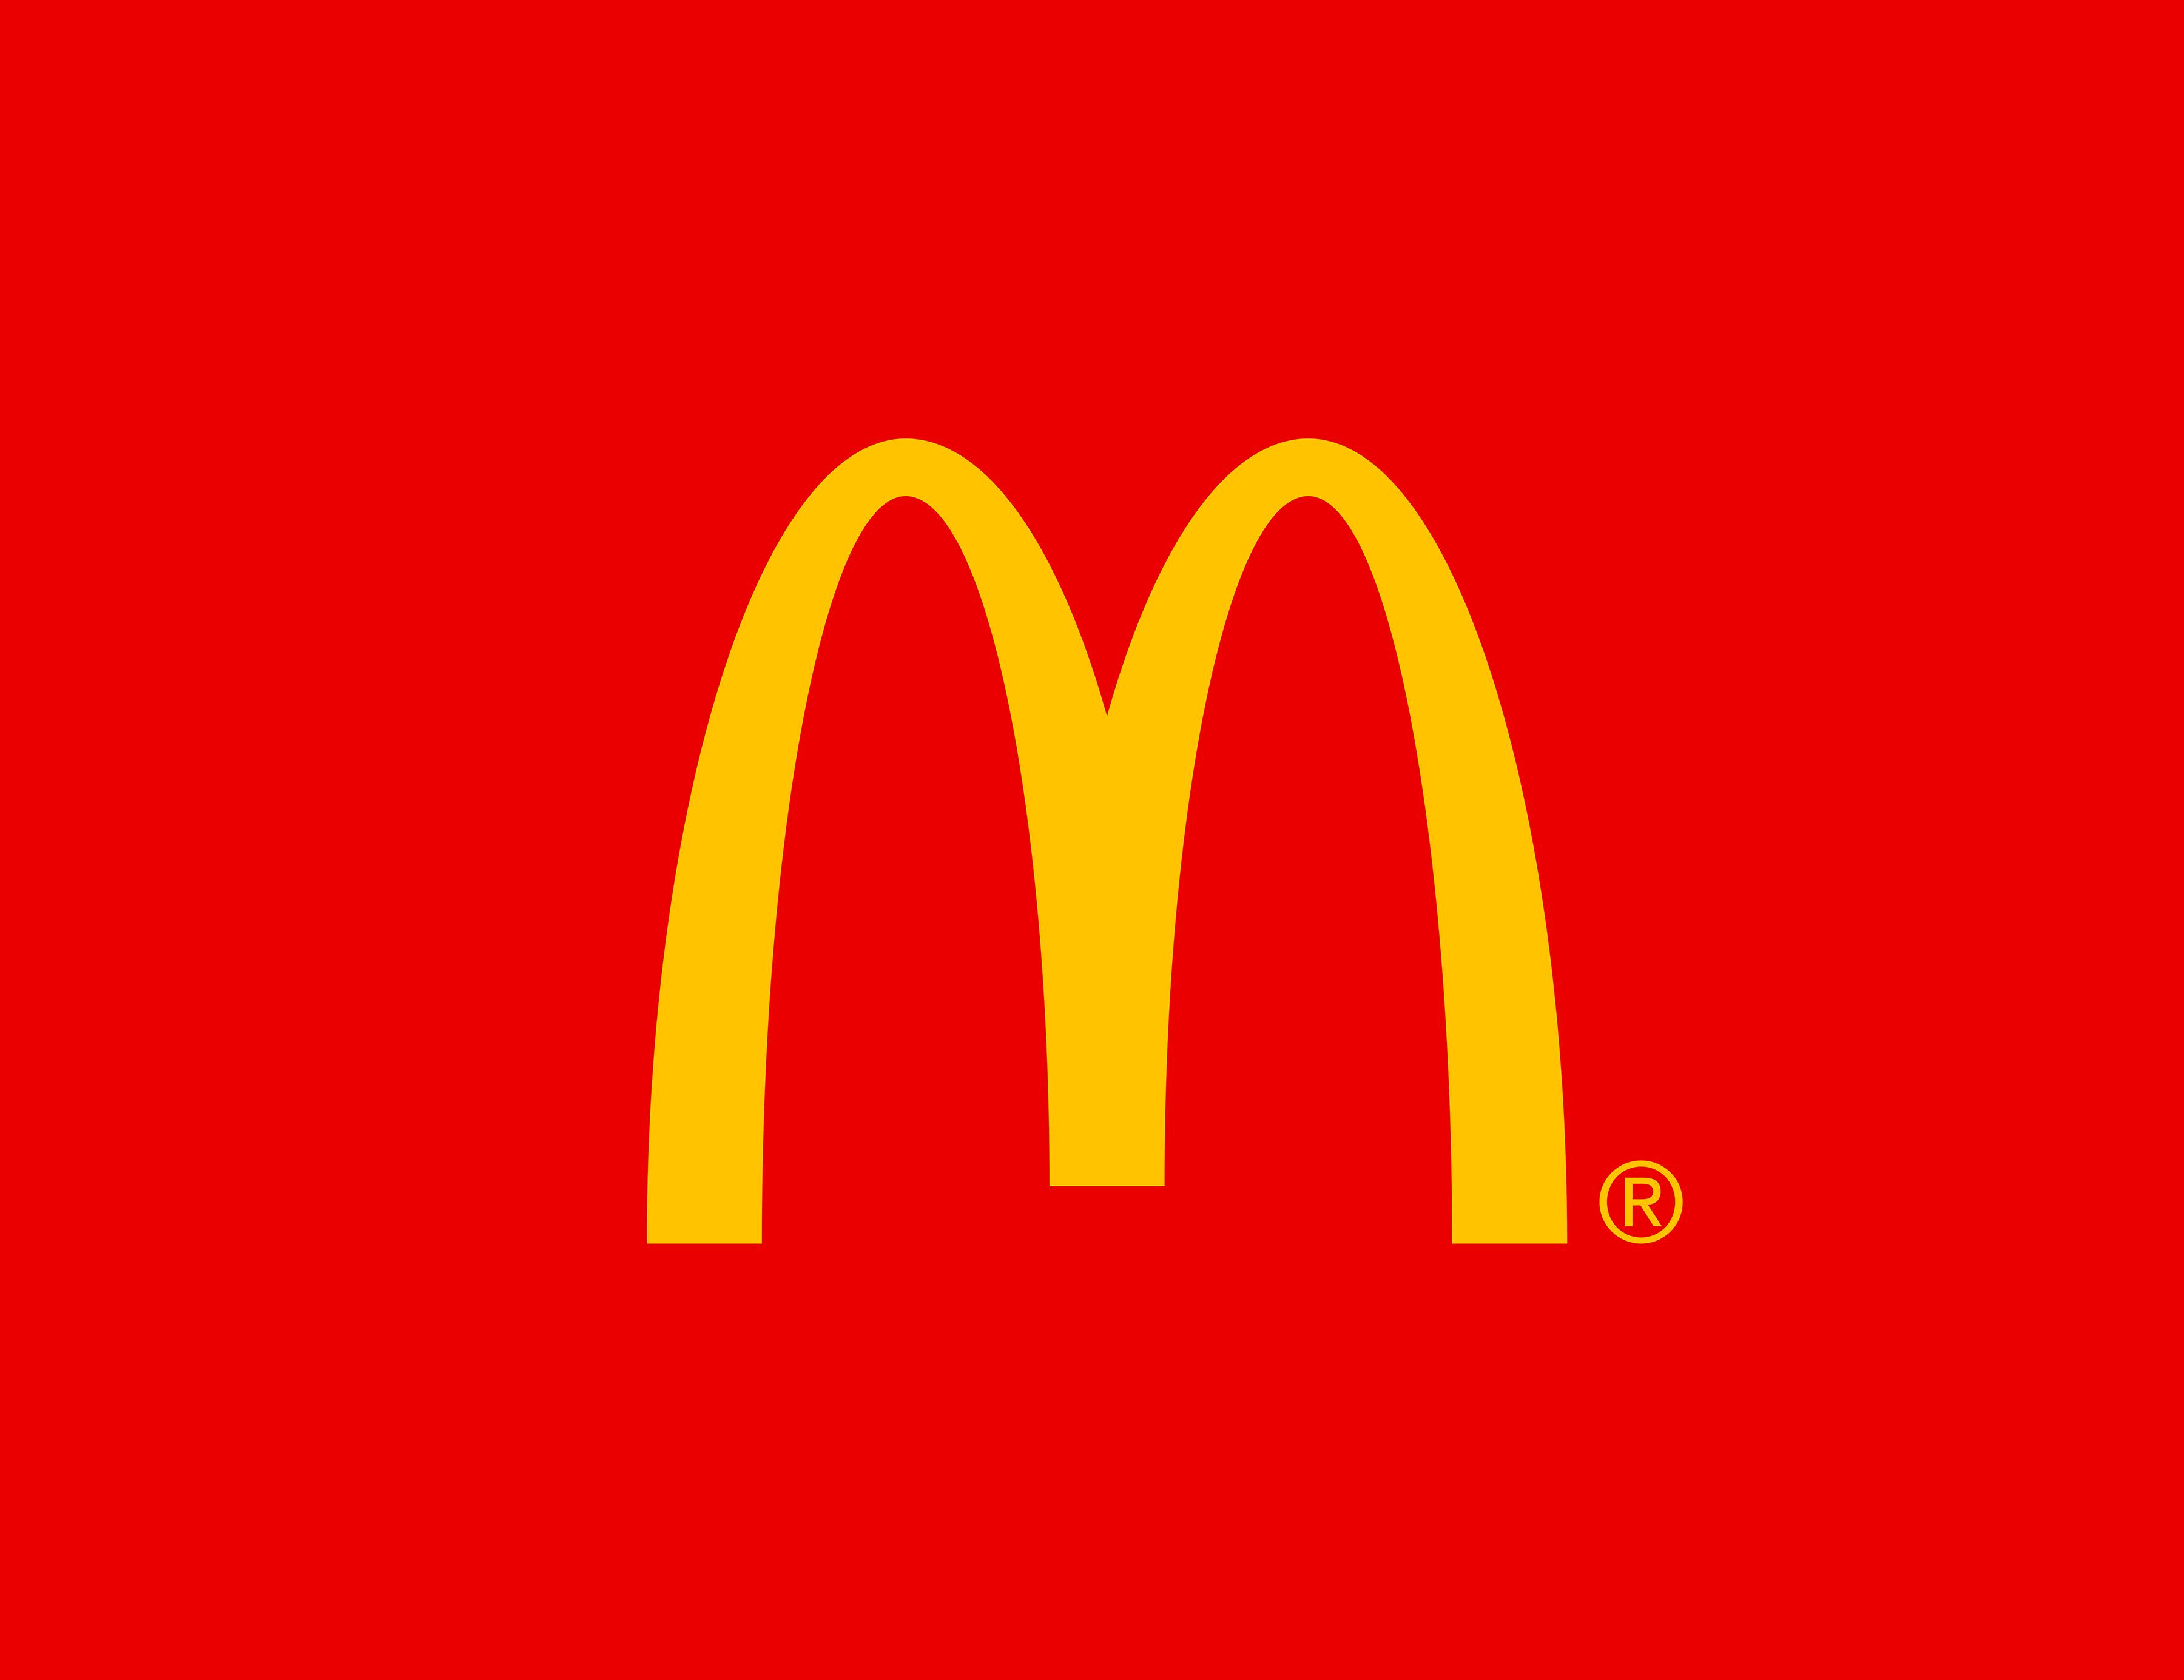 How To Design A Restaurant Logo